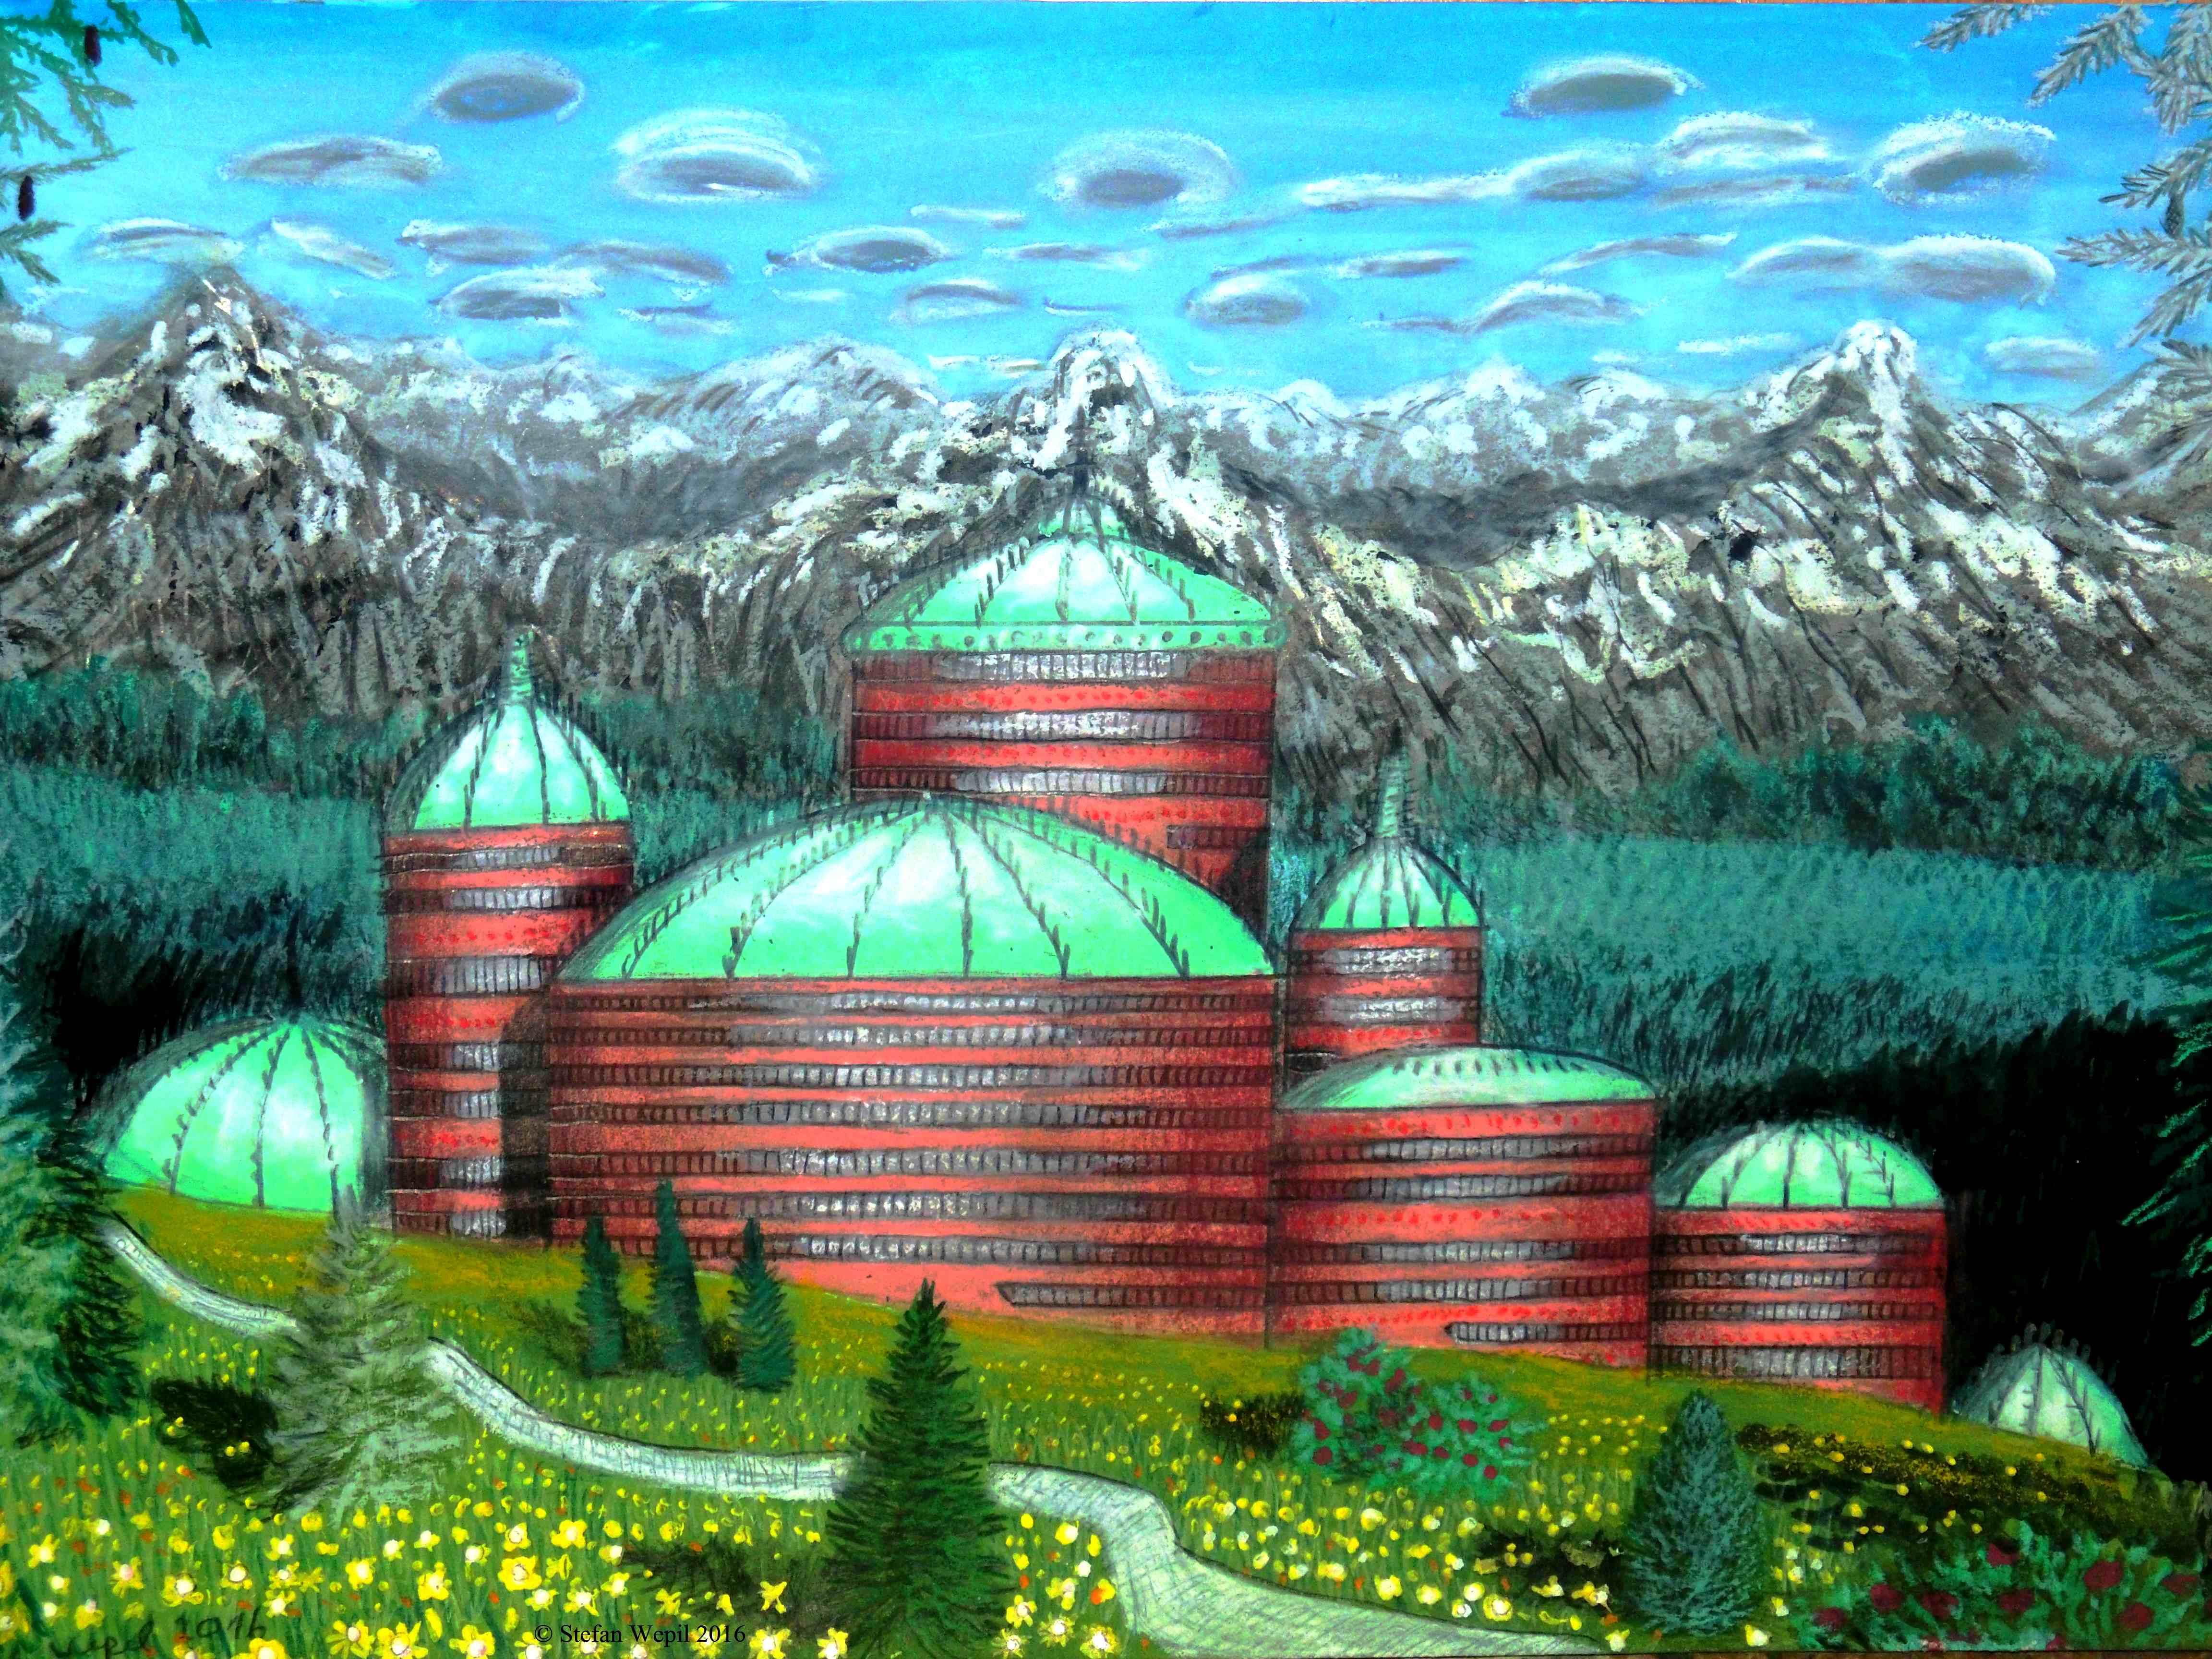 Da Sulvitalon in Dom, der Hauptstadt des Planeten Dorgon, der Zentralwelt der Galaxis M 100 - Dorgon (C) Stefan Wepil